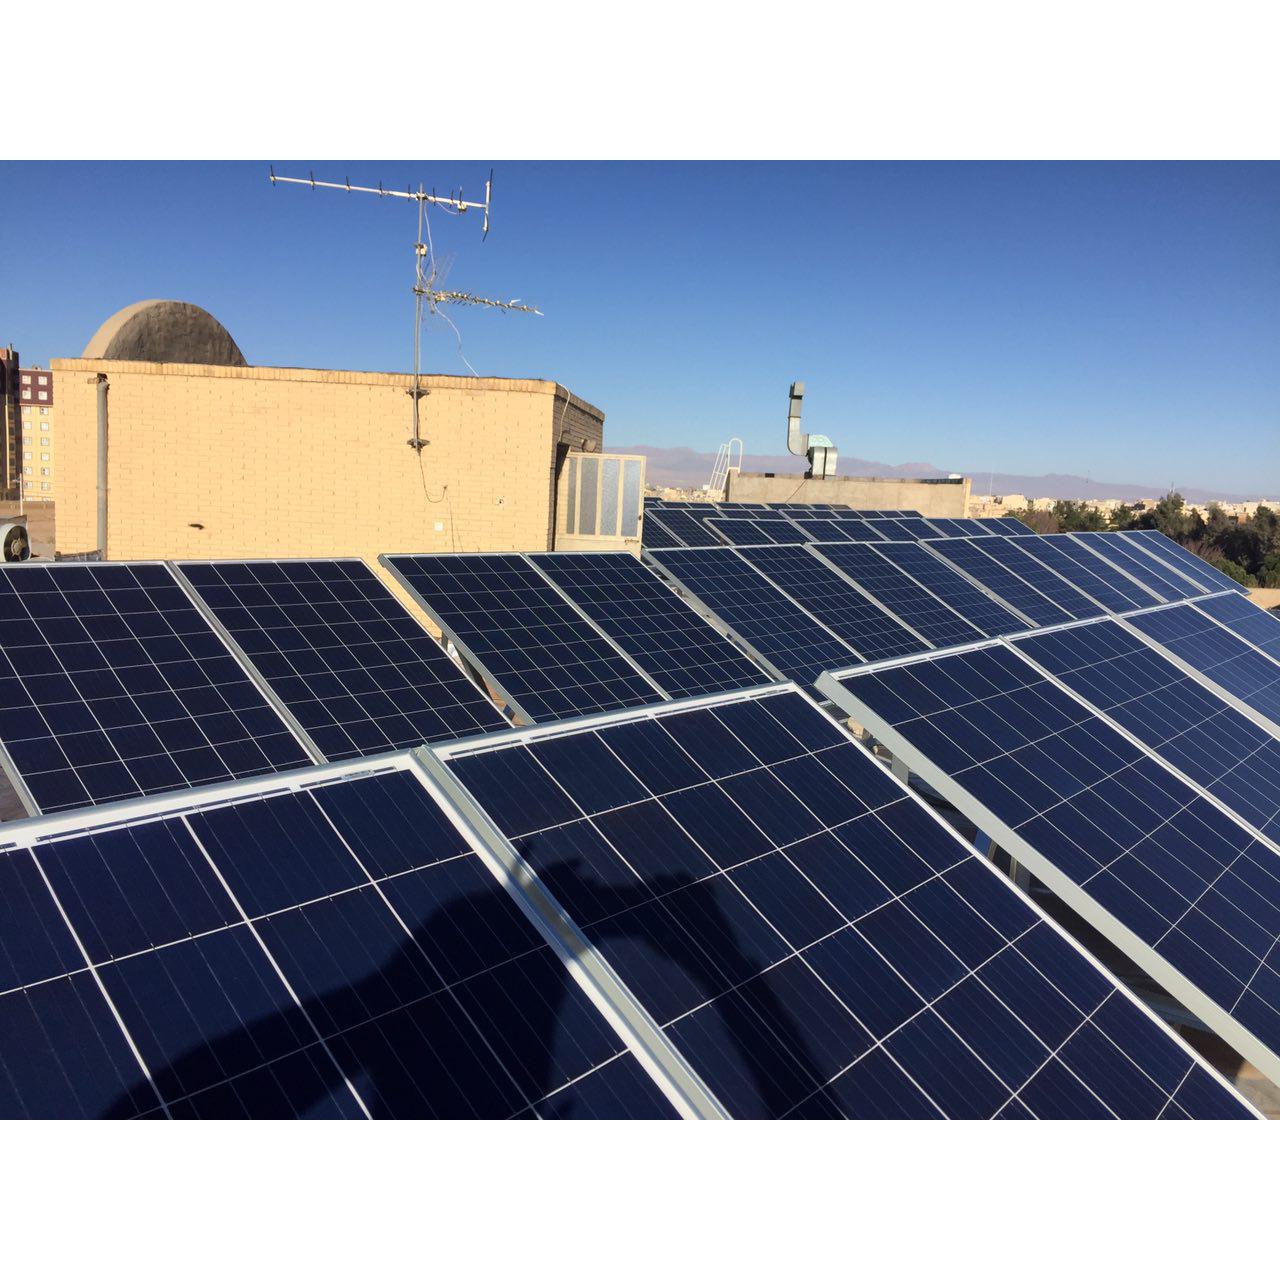 پنل های خورشیدی 1